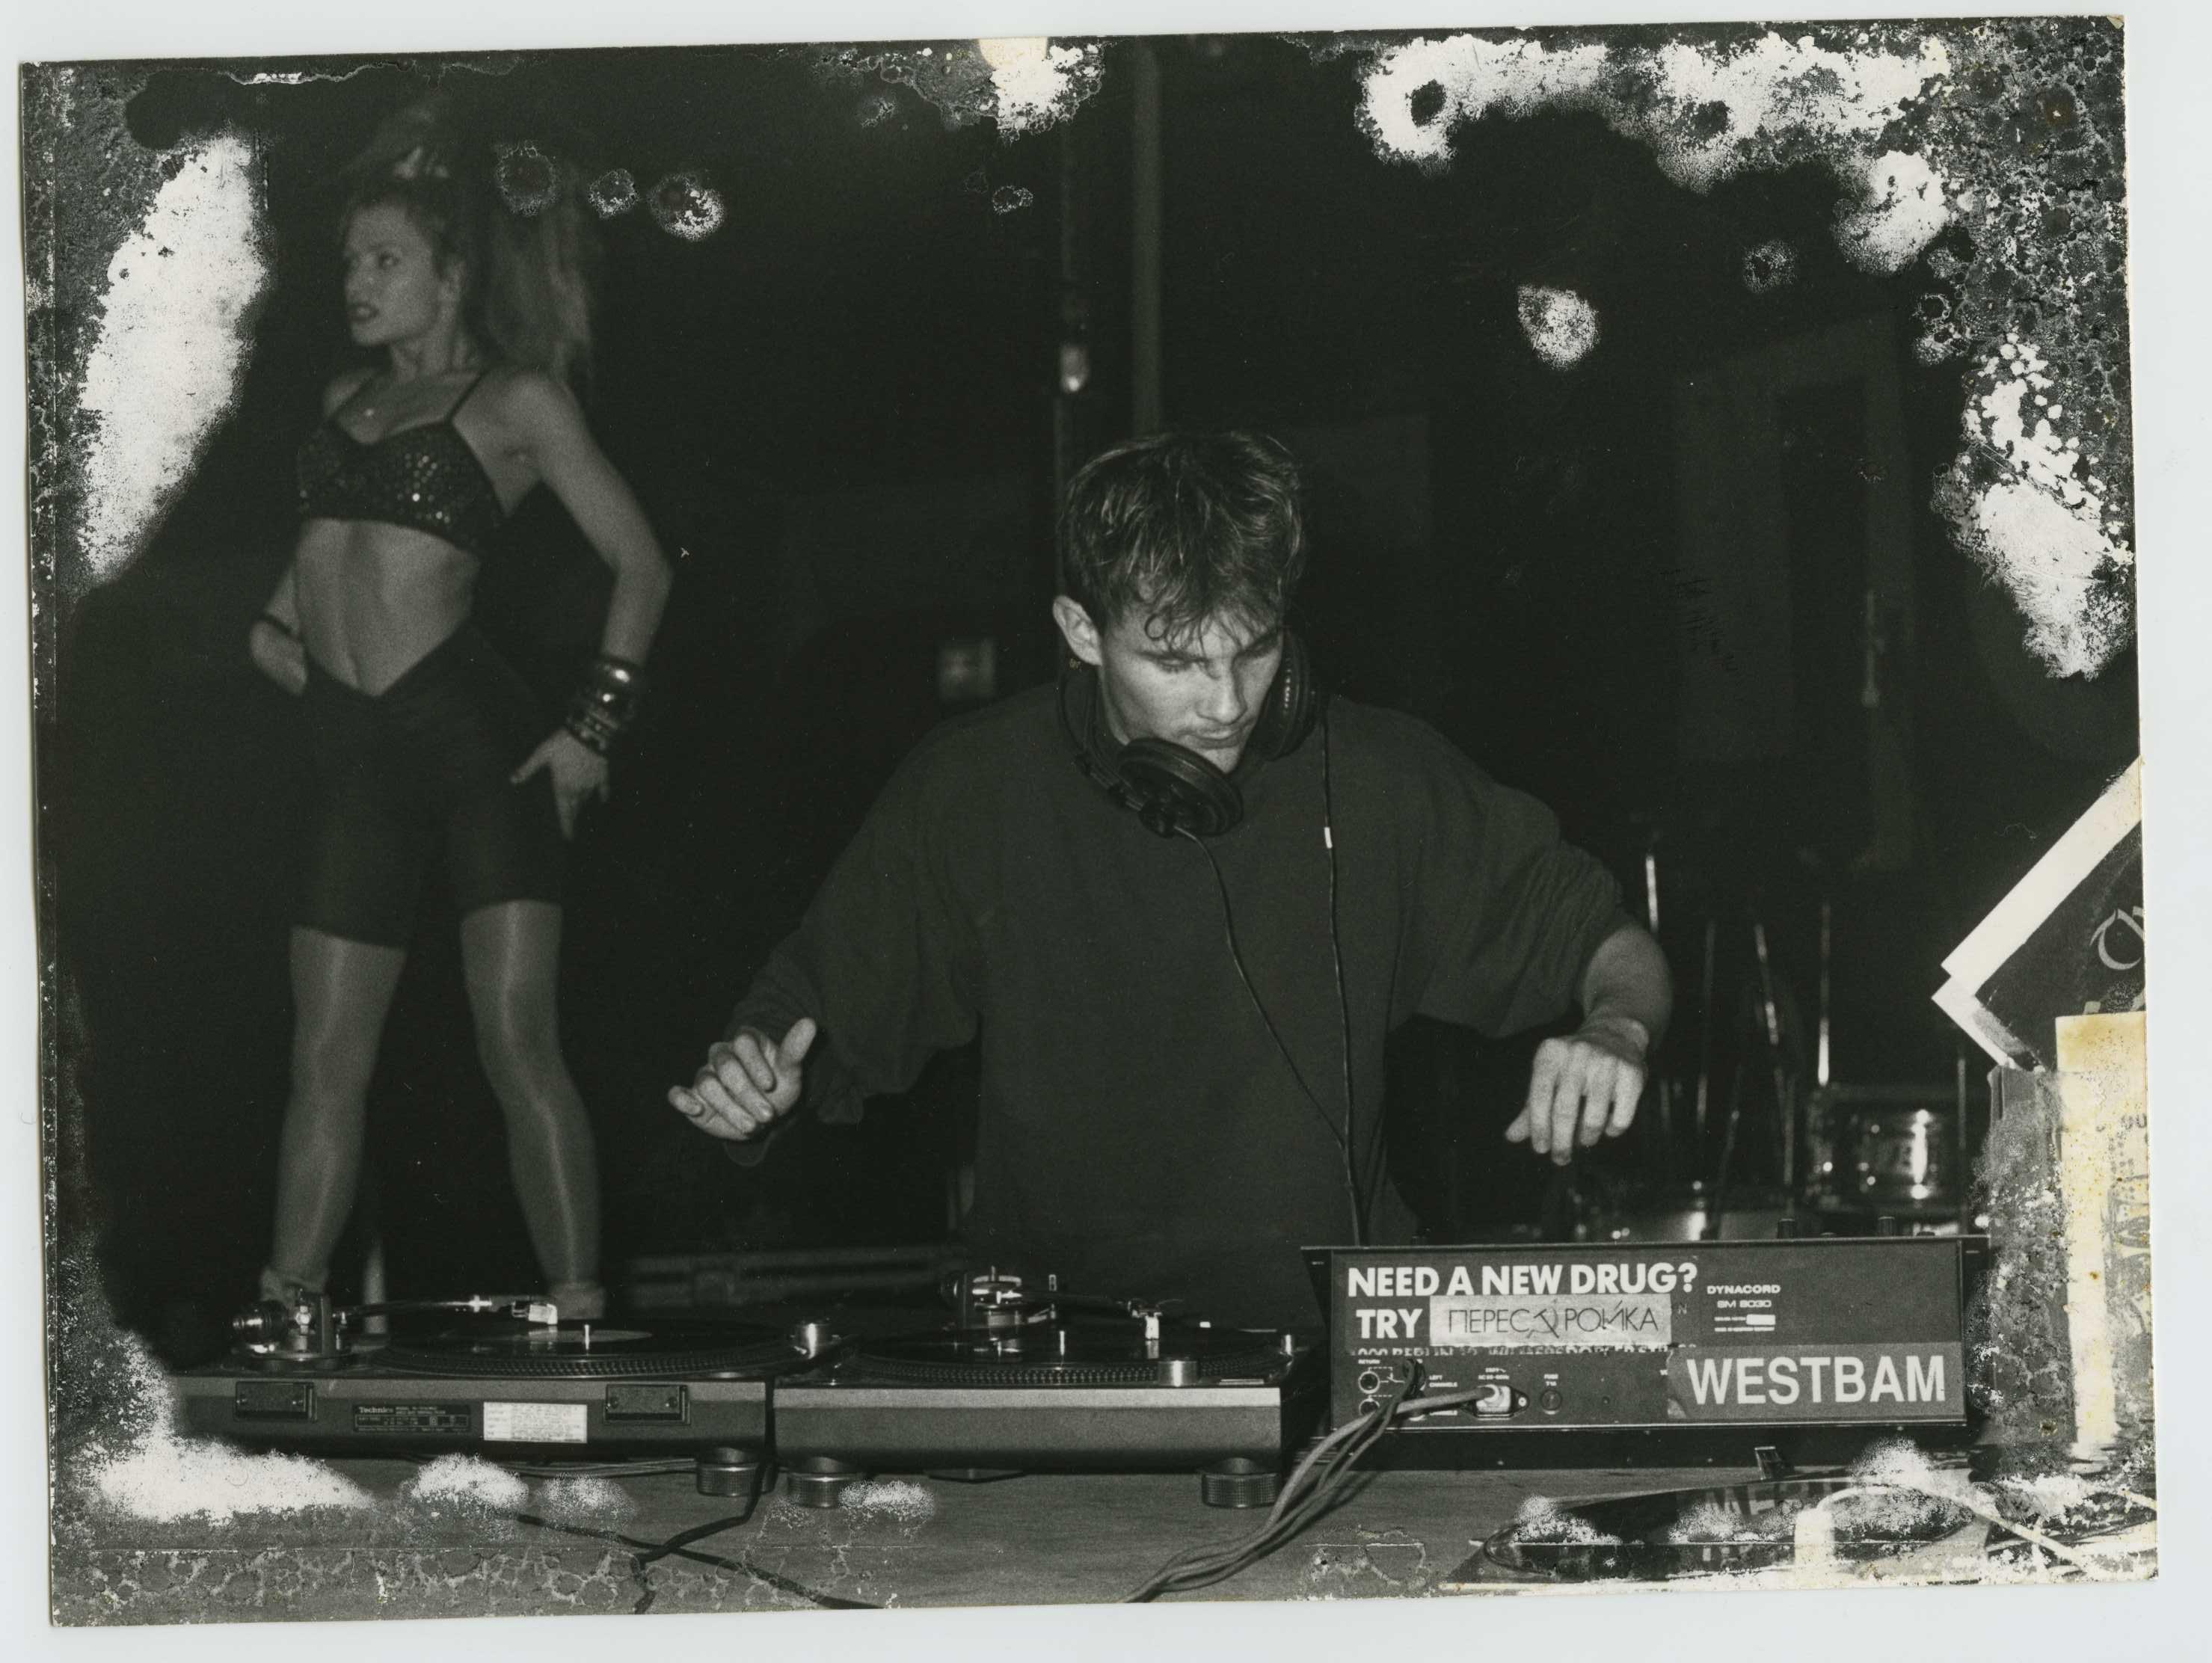 1987-riga-dj-westbam-1